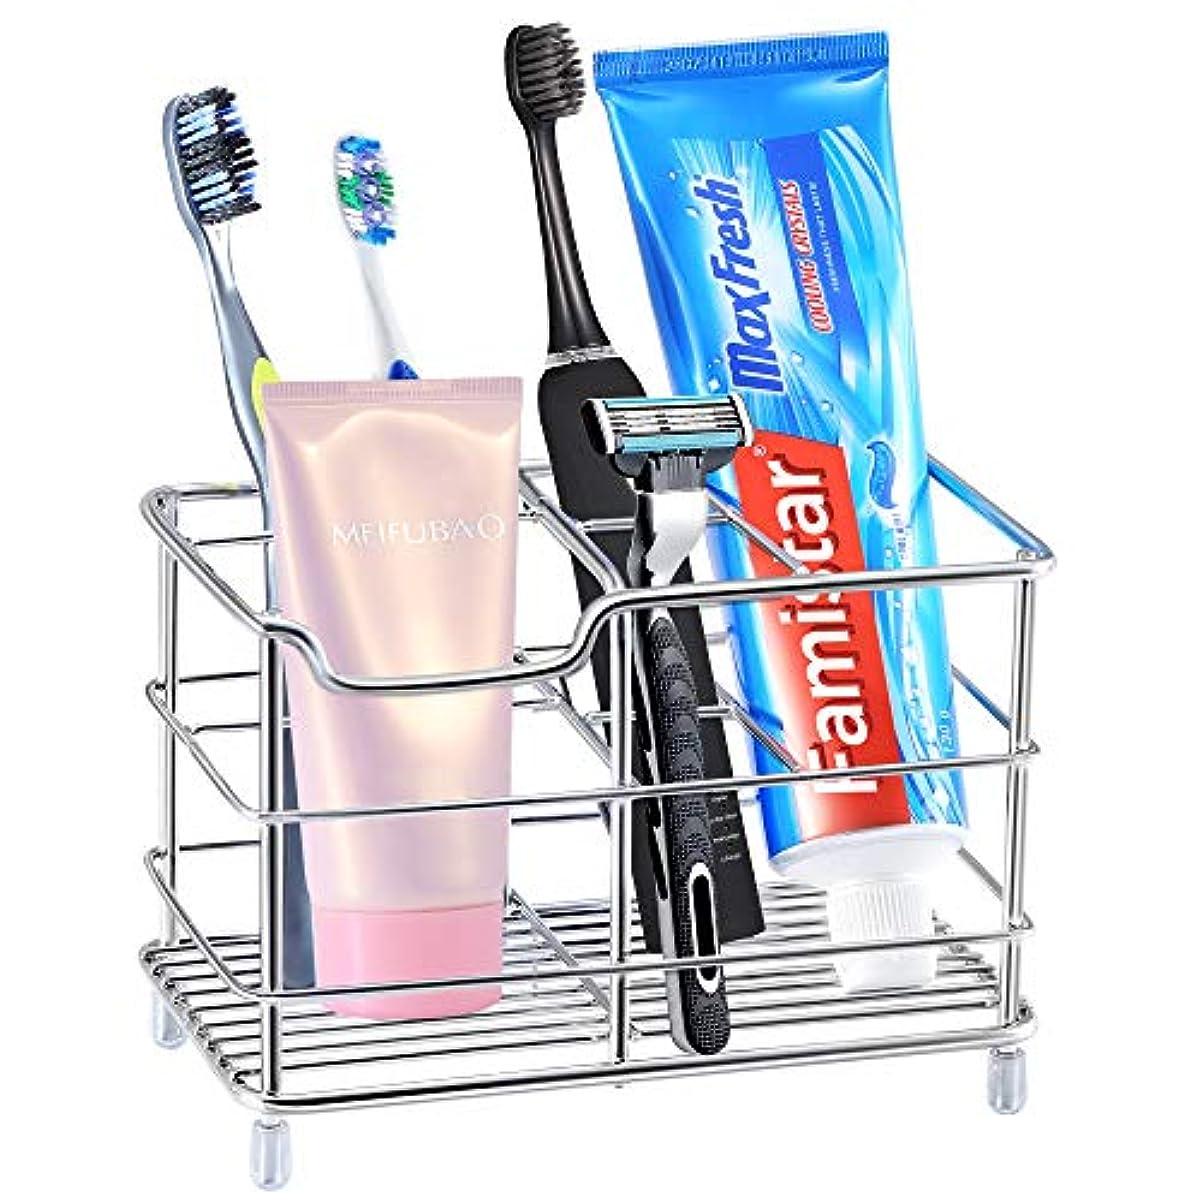 リスト窓混乱させる歯ブラシホルダー、famistar XLステンレススチールバスルーム多機能ストレージスタンドfor電動歯ブラシ、歯磨き粉、クレンザー、コーム